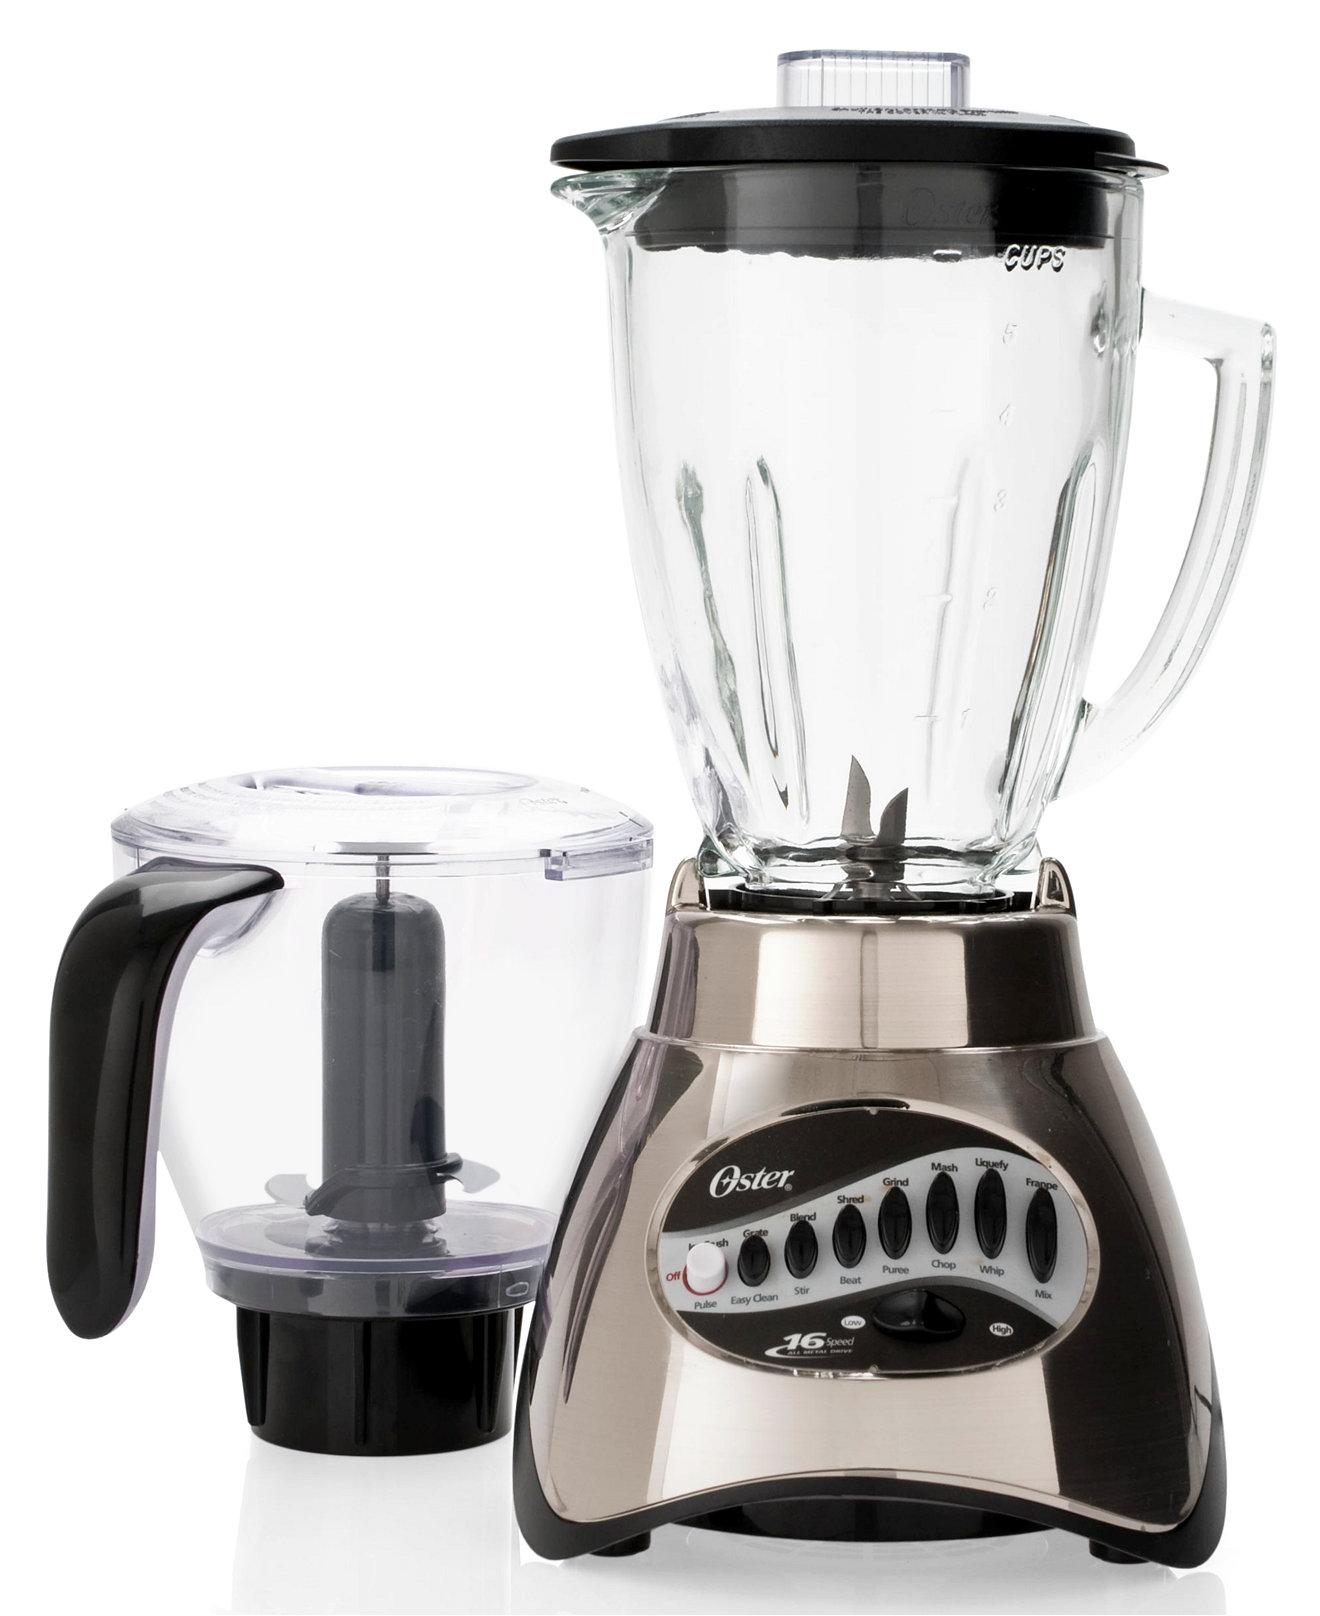 Macys Kitchen Appliances Oster 6878 Blender 16 Speed Electrics Kitchen Macys Bridal